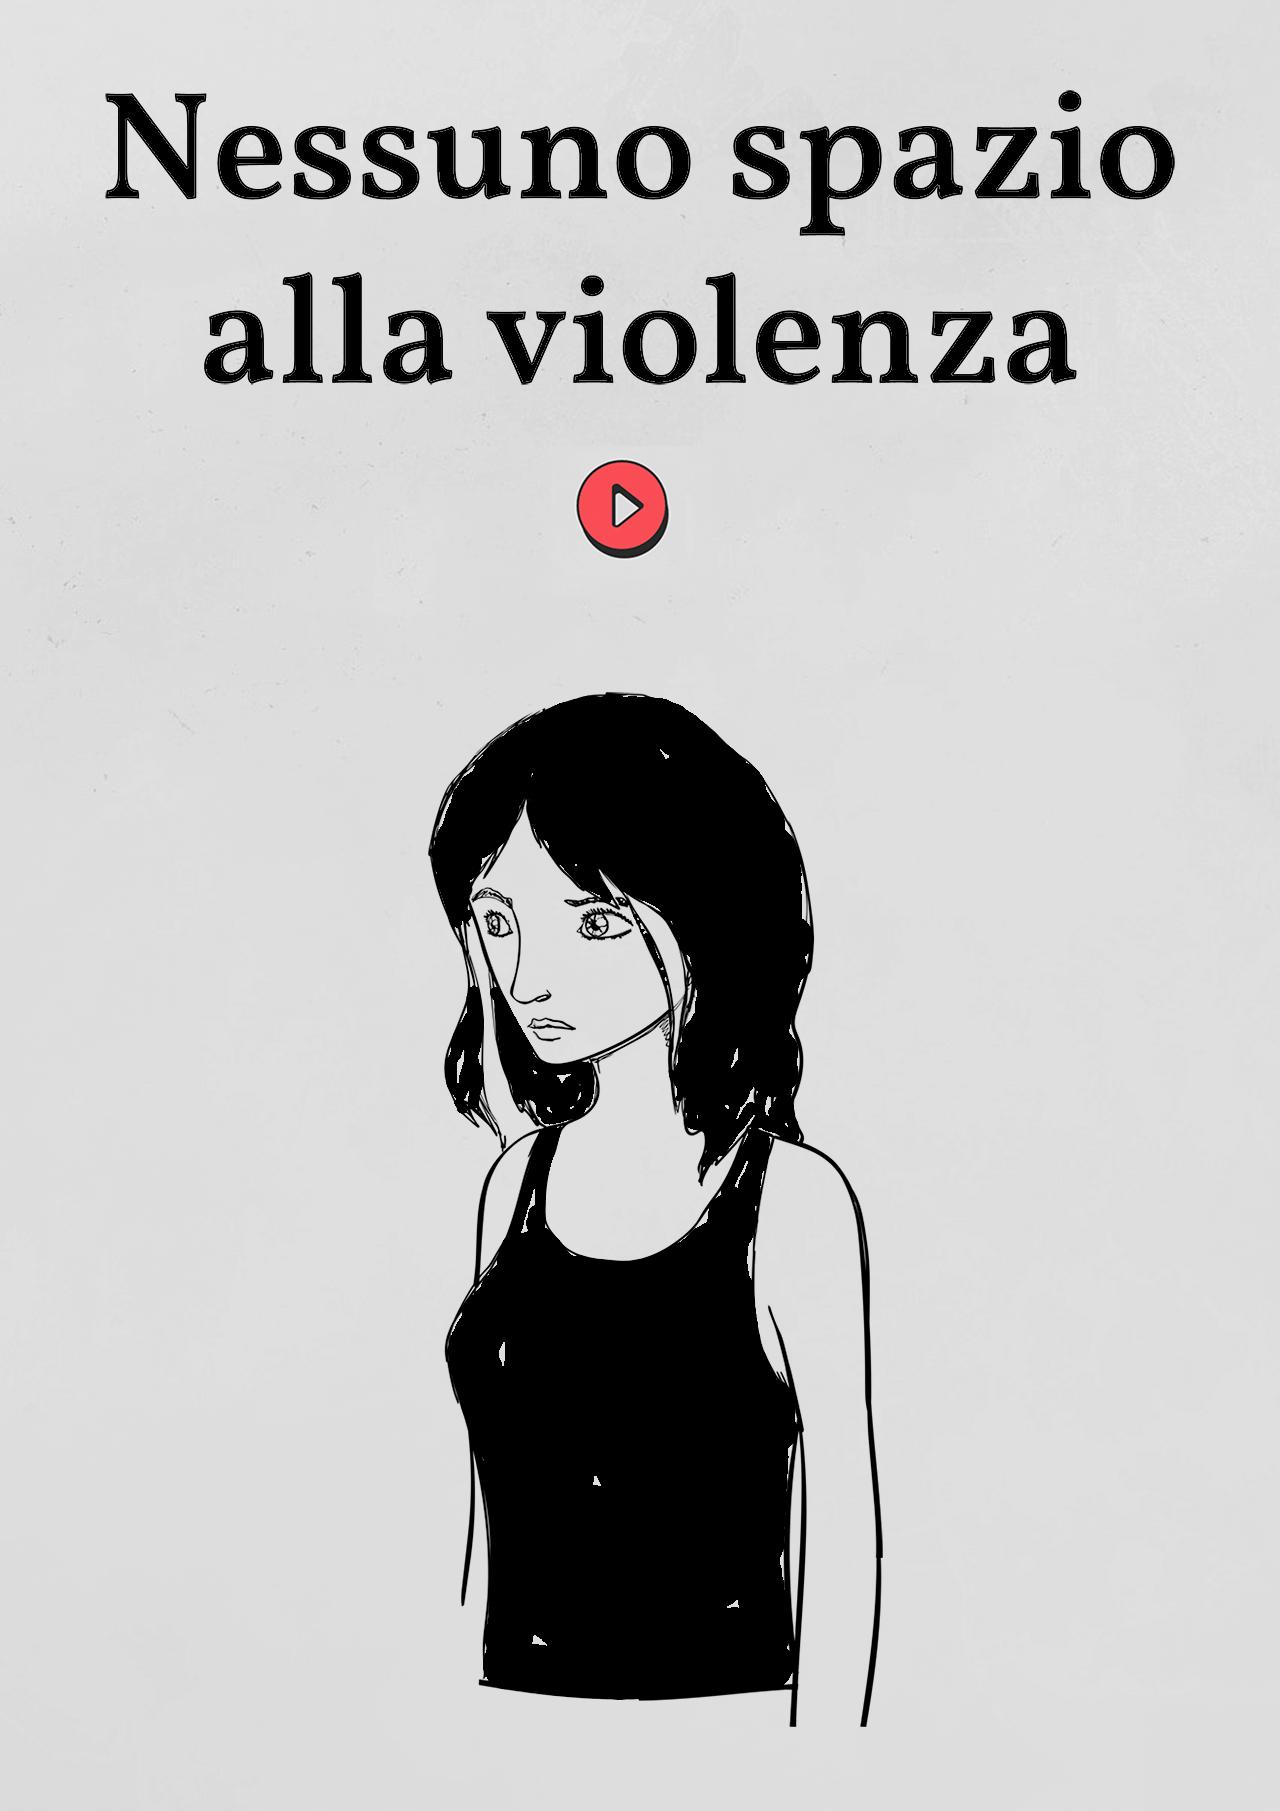 Nessuno Spazio alla violenza